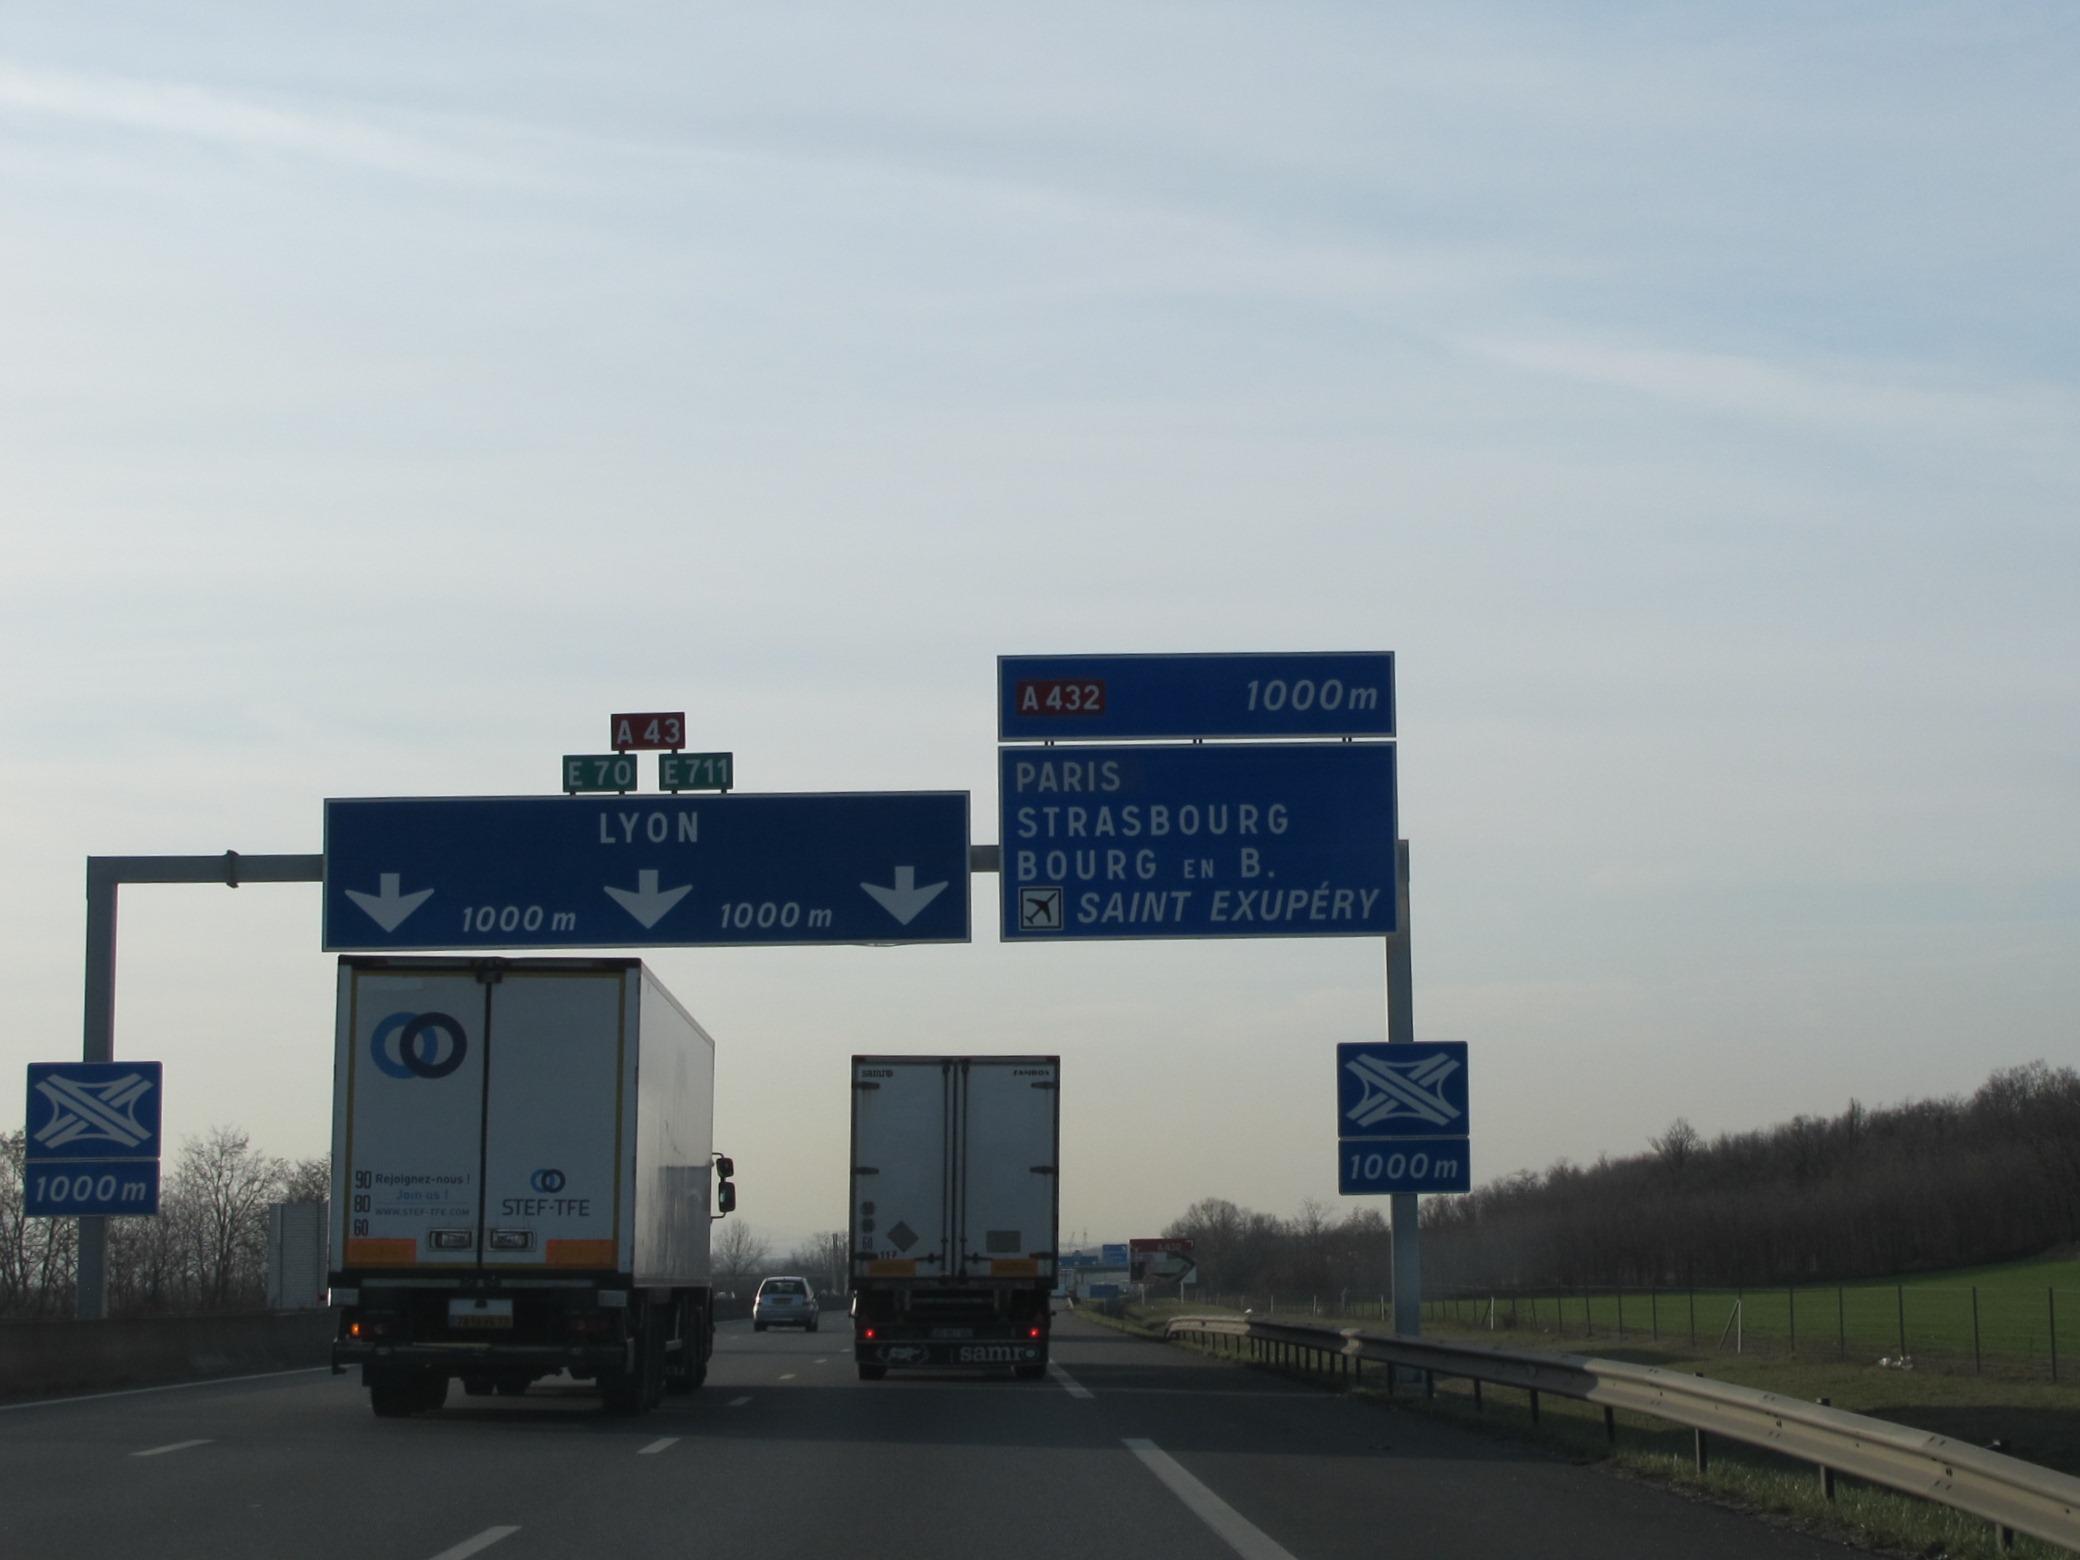 A432 autoroute #